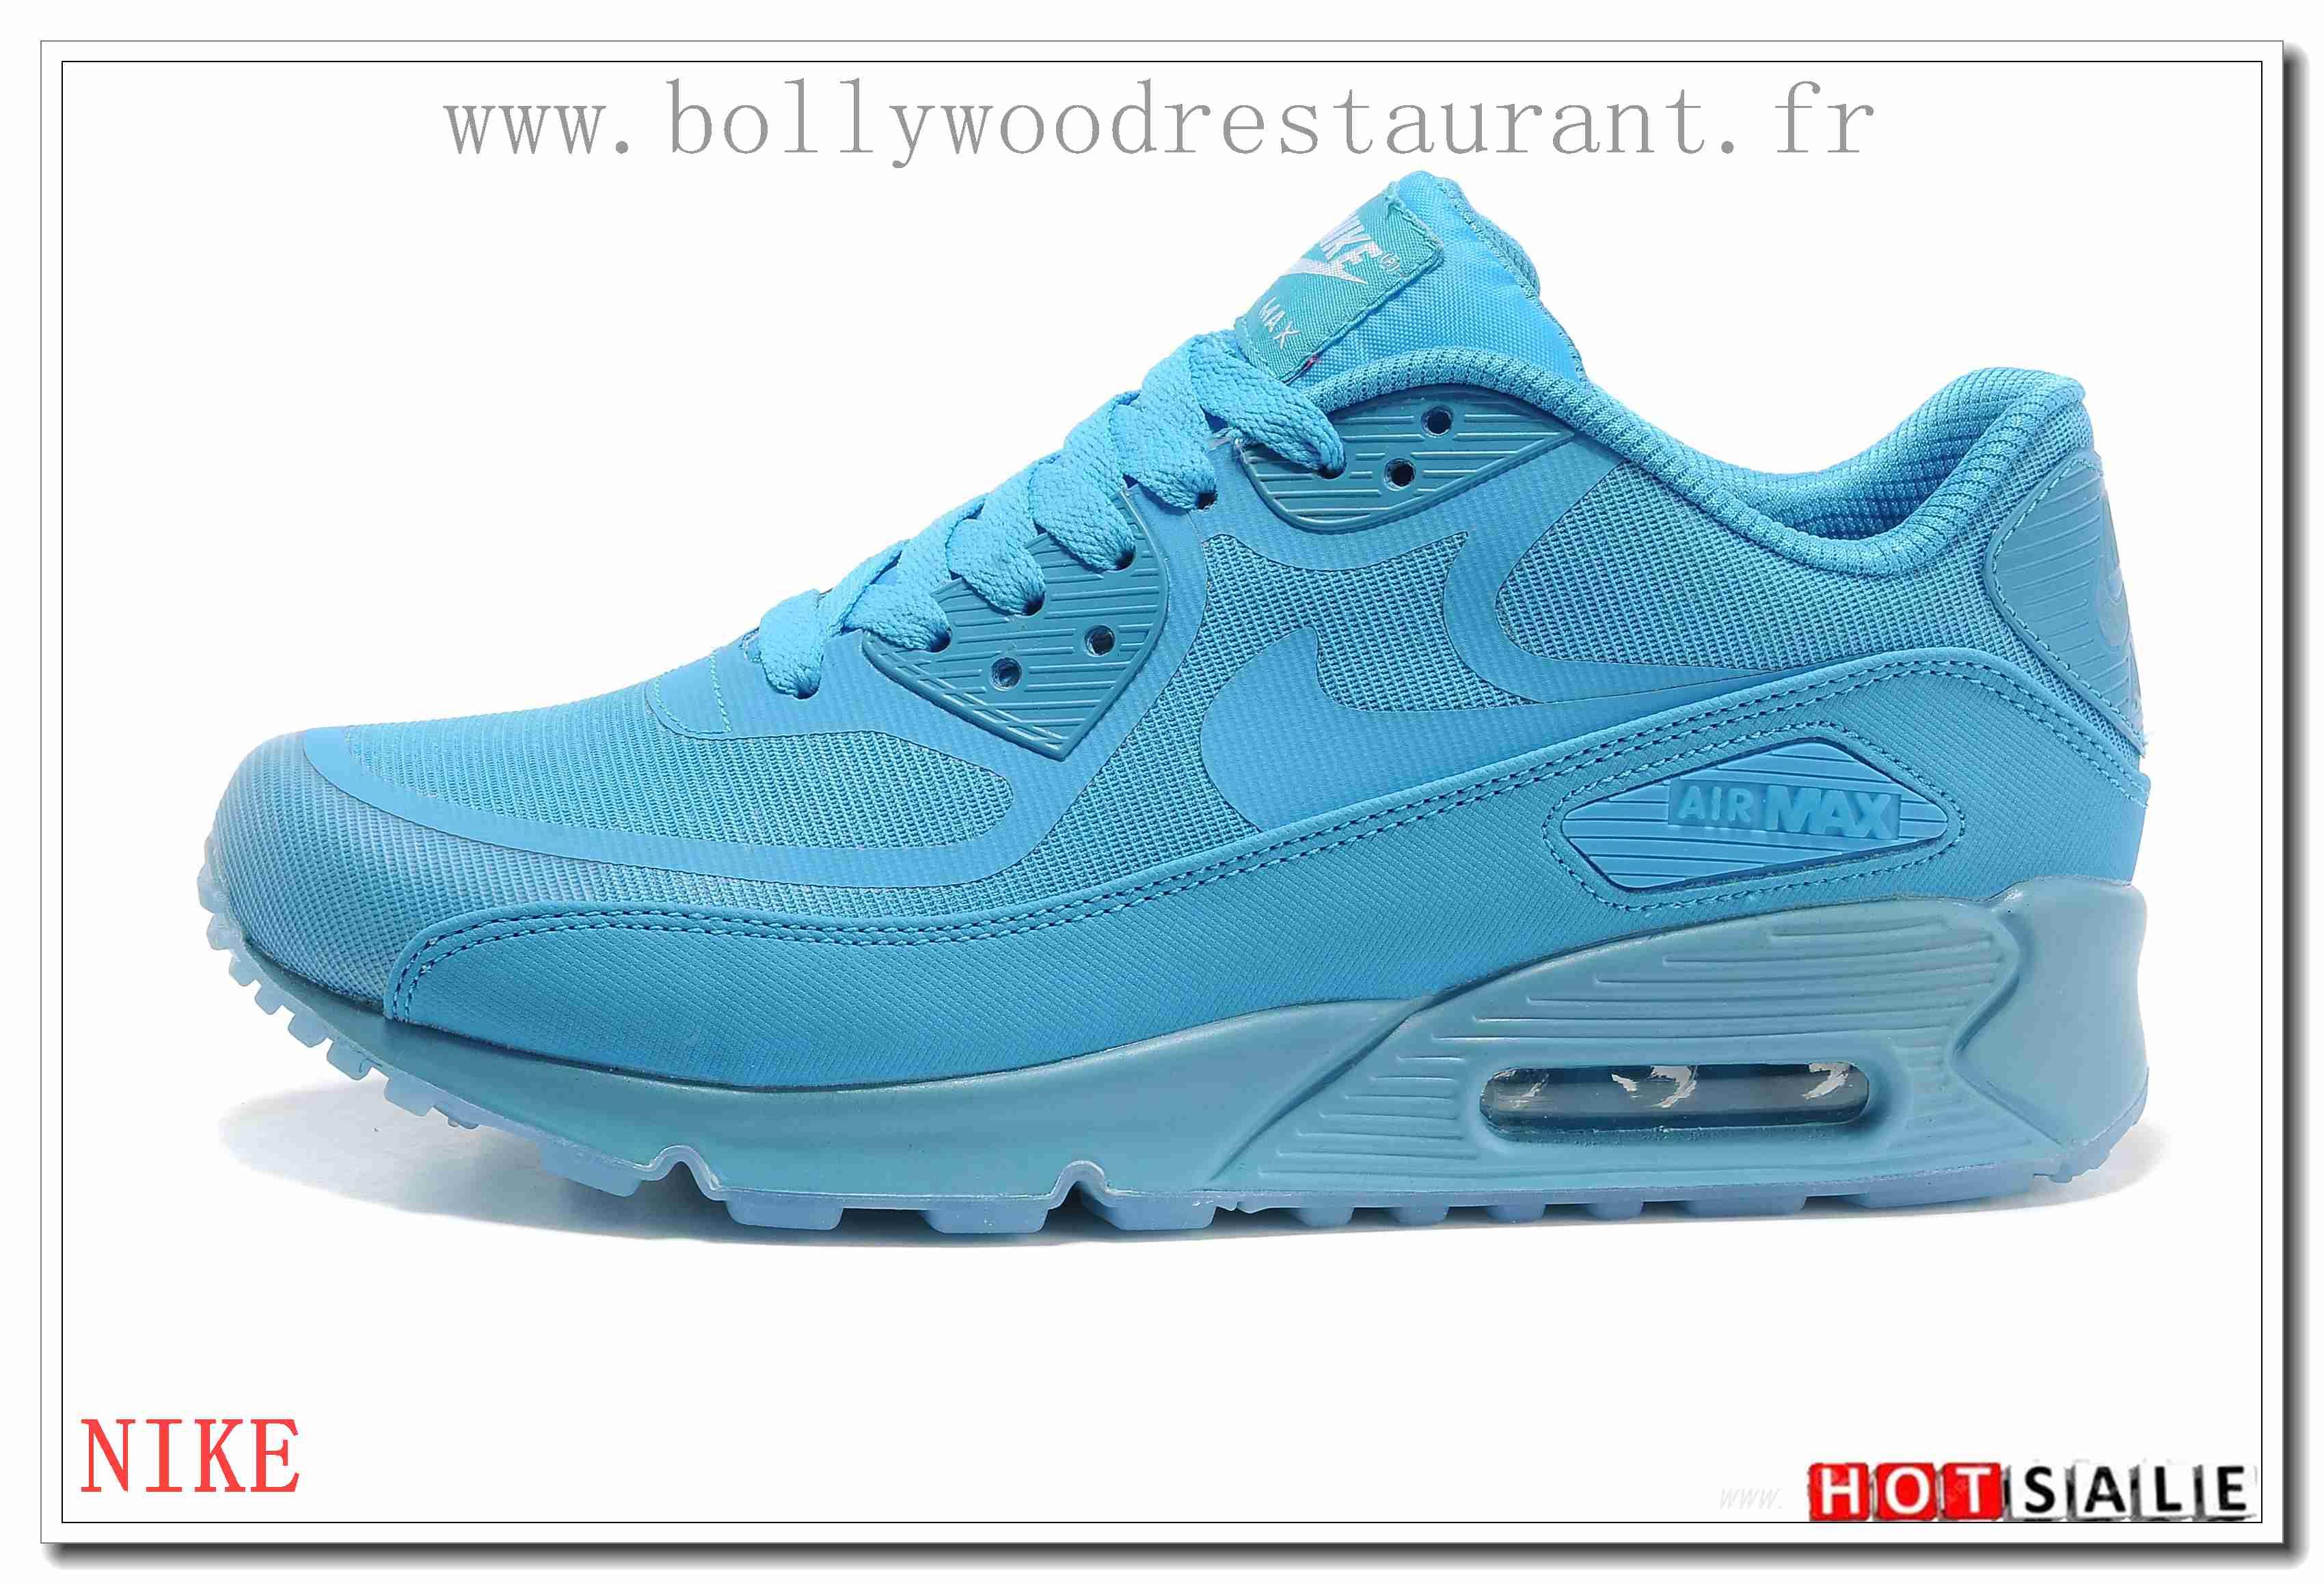 competitive price 76098 6eda2 Nouveau Style CP43927 Nike Air Max 90 Femme Rose Bleu Gris Blanche  Turquoise Ventes Réduction En Ligne air max 90 femme pas cher 2017,nike air  max 90 noir ...